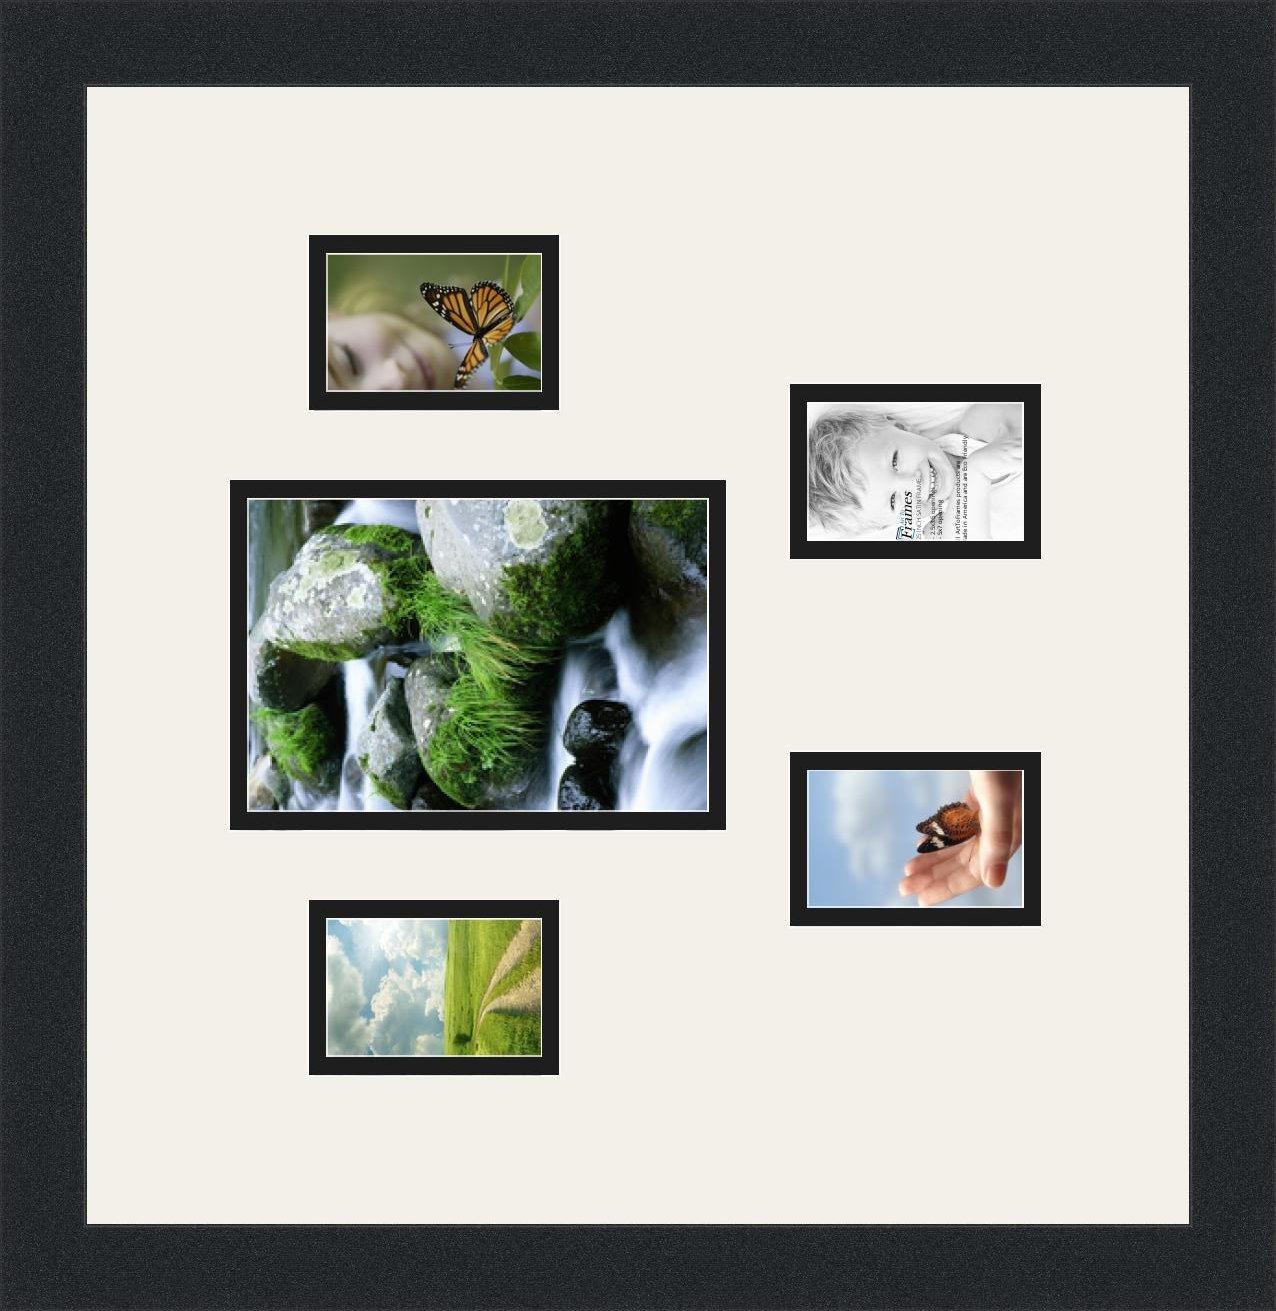 Großzügig 3 öffnung 5x7 Collage Rahmen Fotos - Benutzerdefinierte ...